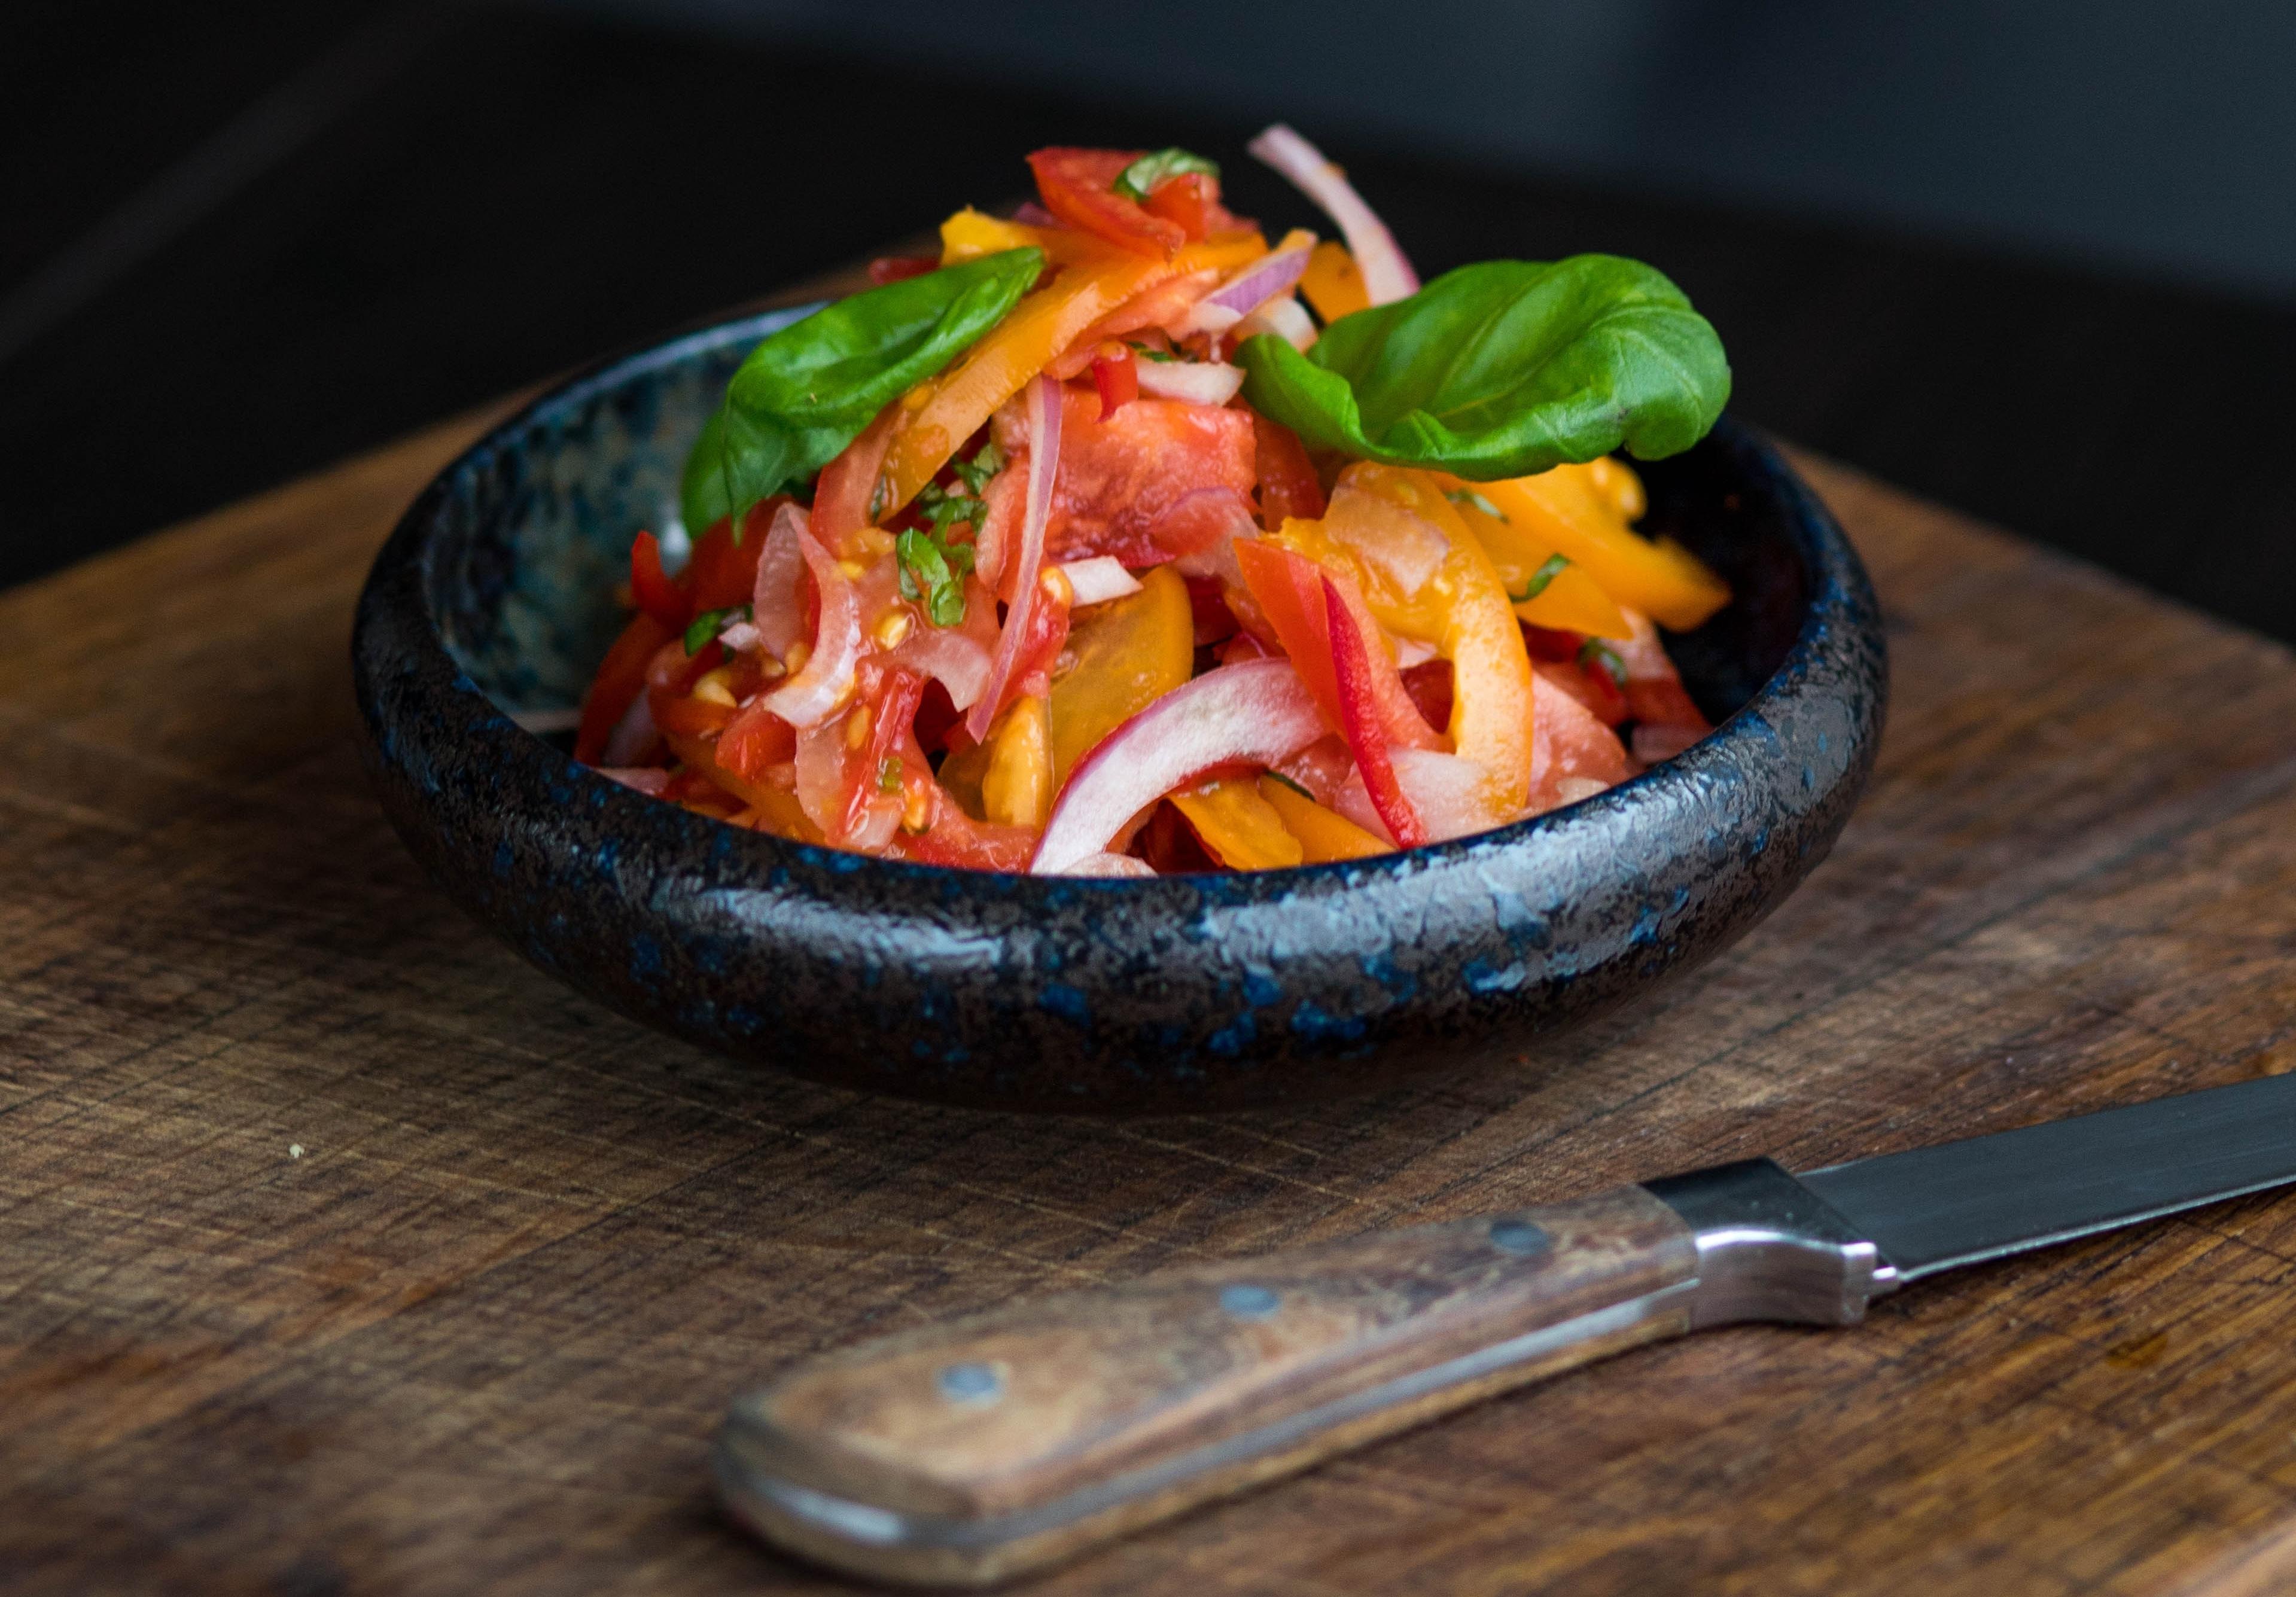 Las comidas con vegetales también benefician al planeta Tierra (Foto Prensa Libre: servicios / Pexels).